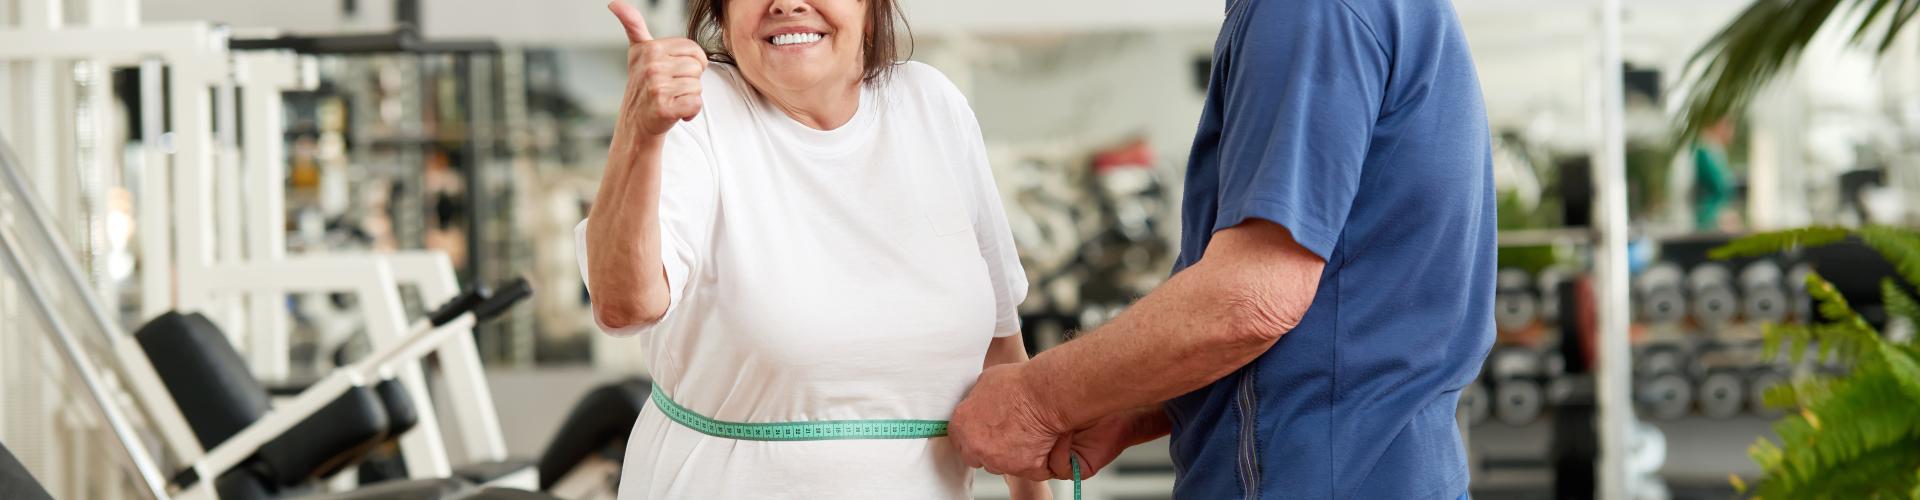 Man en vrouw gewichtsverlies meten